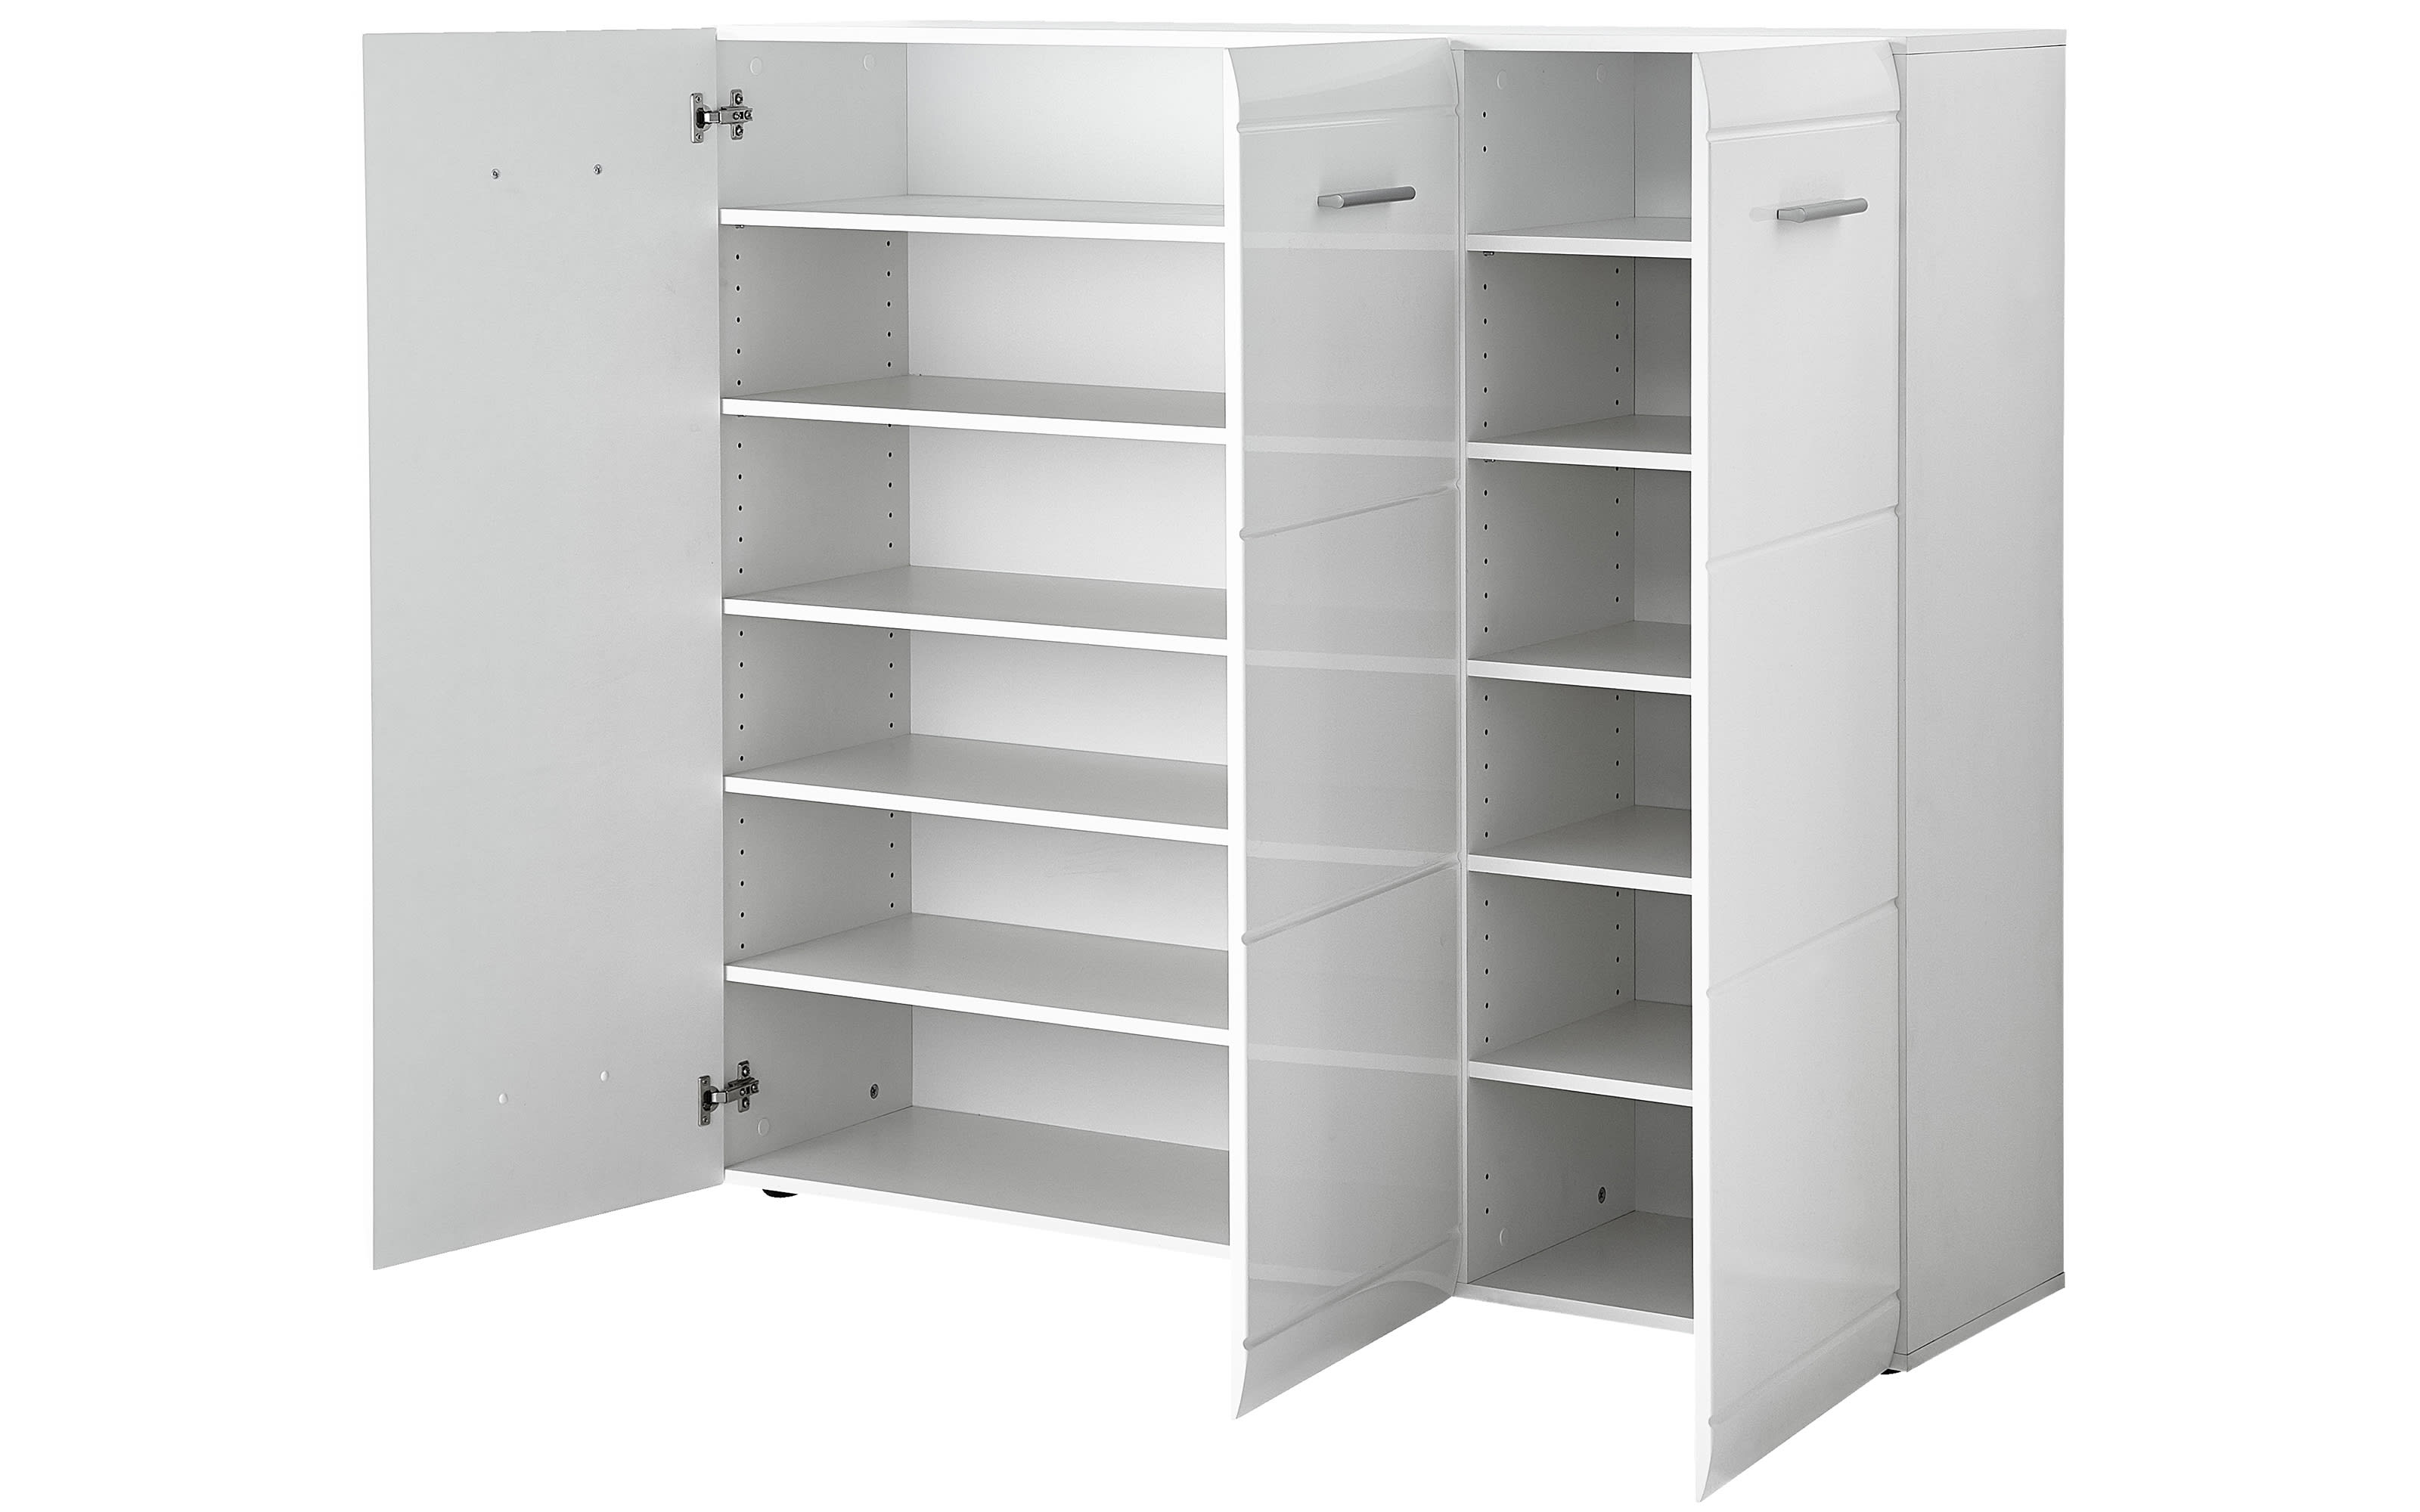 Schuhschrank GW-Adana in weiß Hochglanz, 134 x 120 x 36 cm